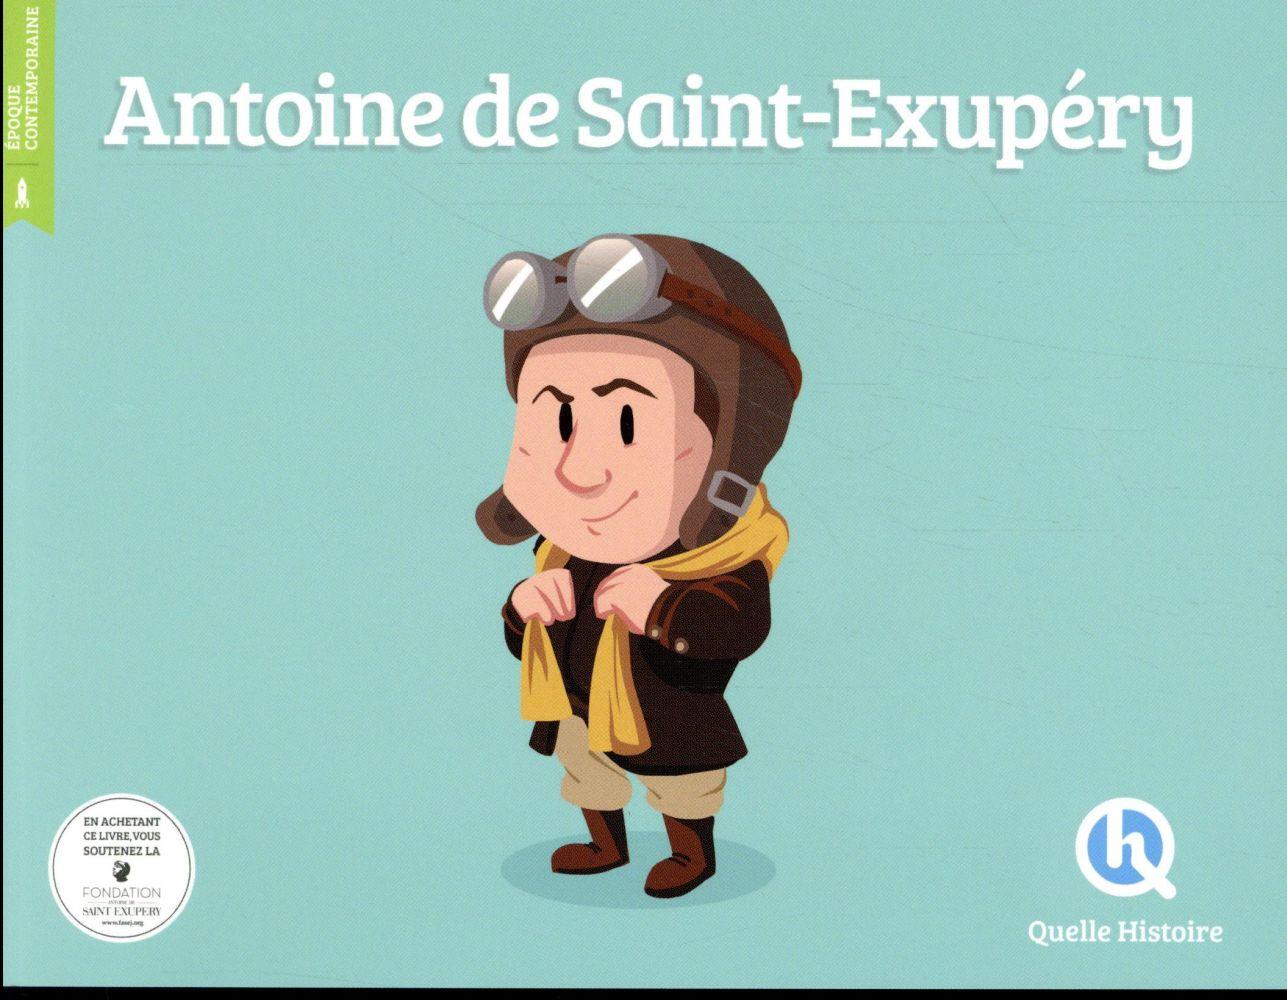 ANTOINE DE SAINT-EXUPERY V.BARON CLEMENTINE QUELLE HISTOIRE